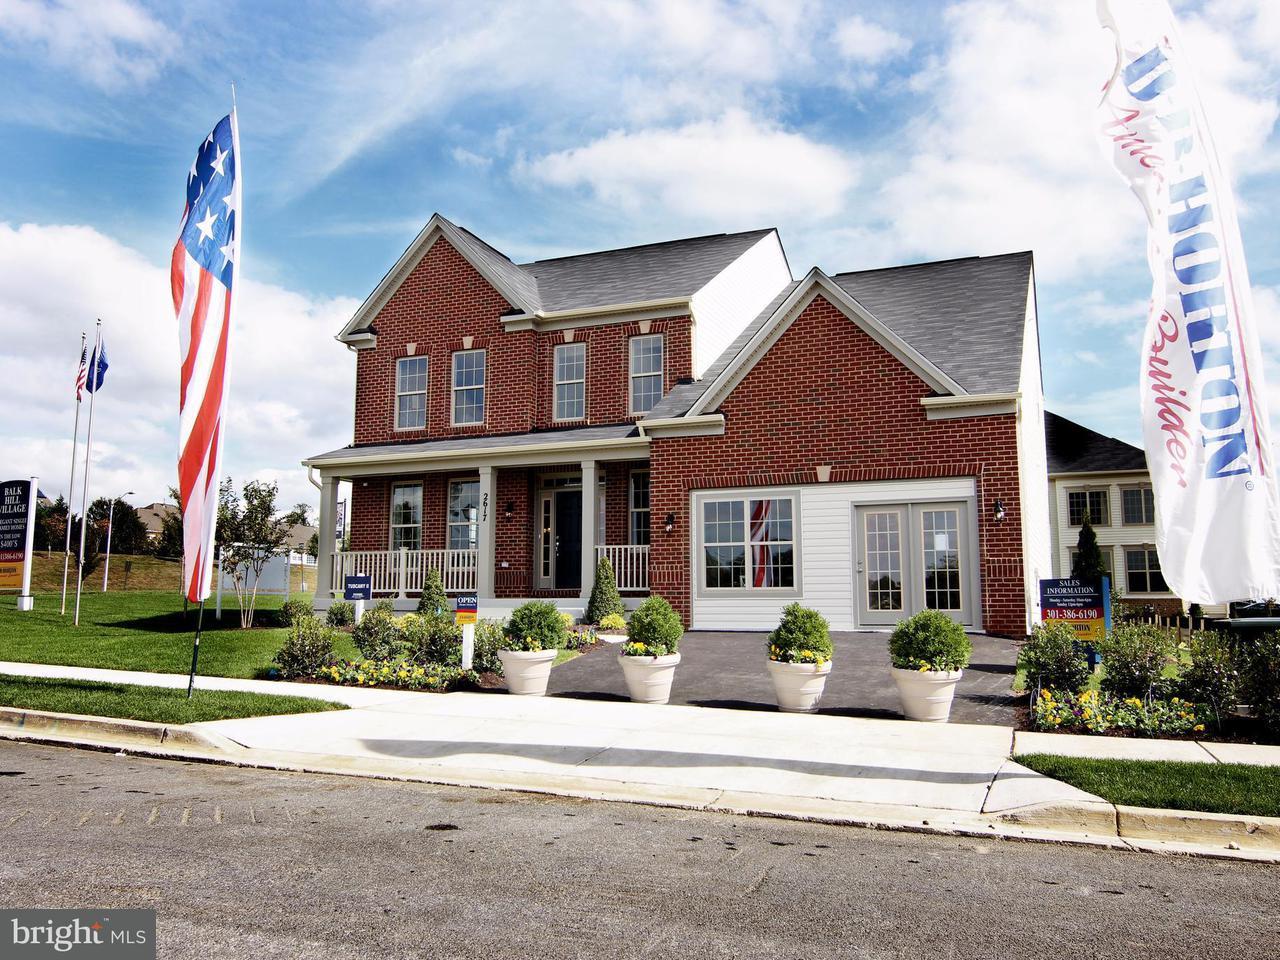 Частный односемейный дом для того Продажа на 2617 LADY GROVE Road 2617 LADY GROVE Road Mitchellville, Мэриленд 20721 Соединенные Штаты